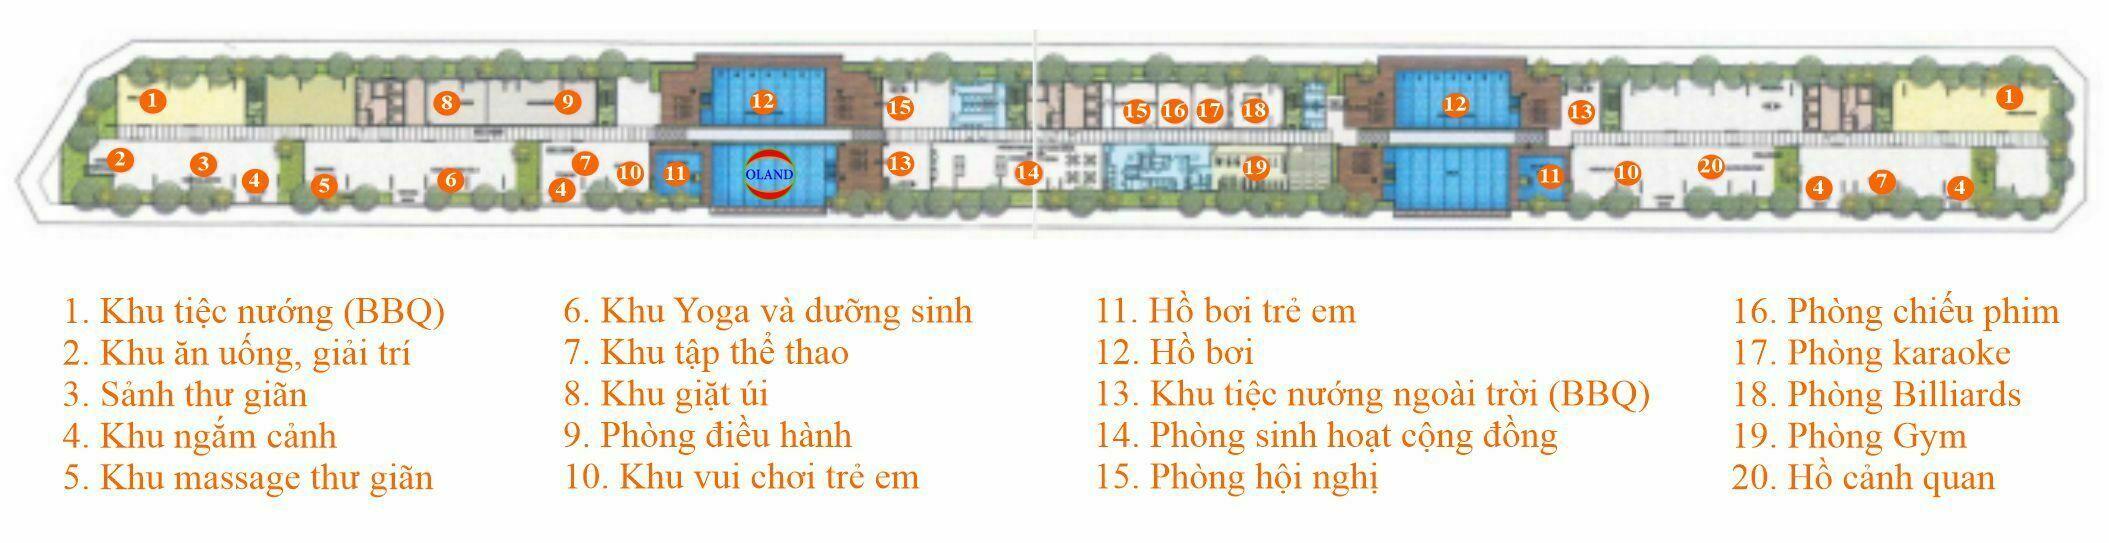 Mặt bằng tiện ích Sarina Condominium - Sala Đại Quang Minh, Thủ Thiêm